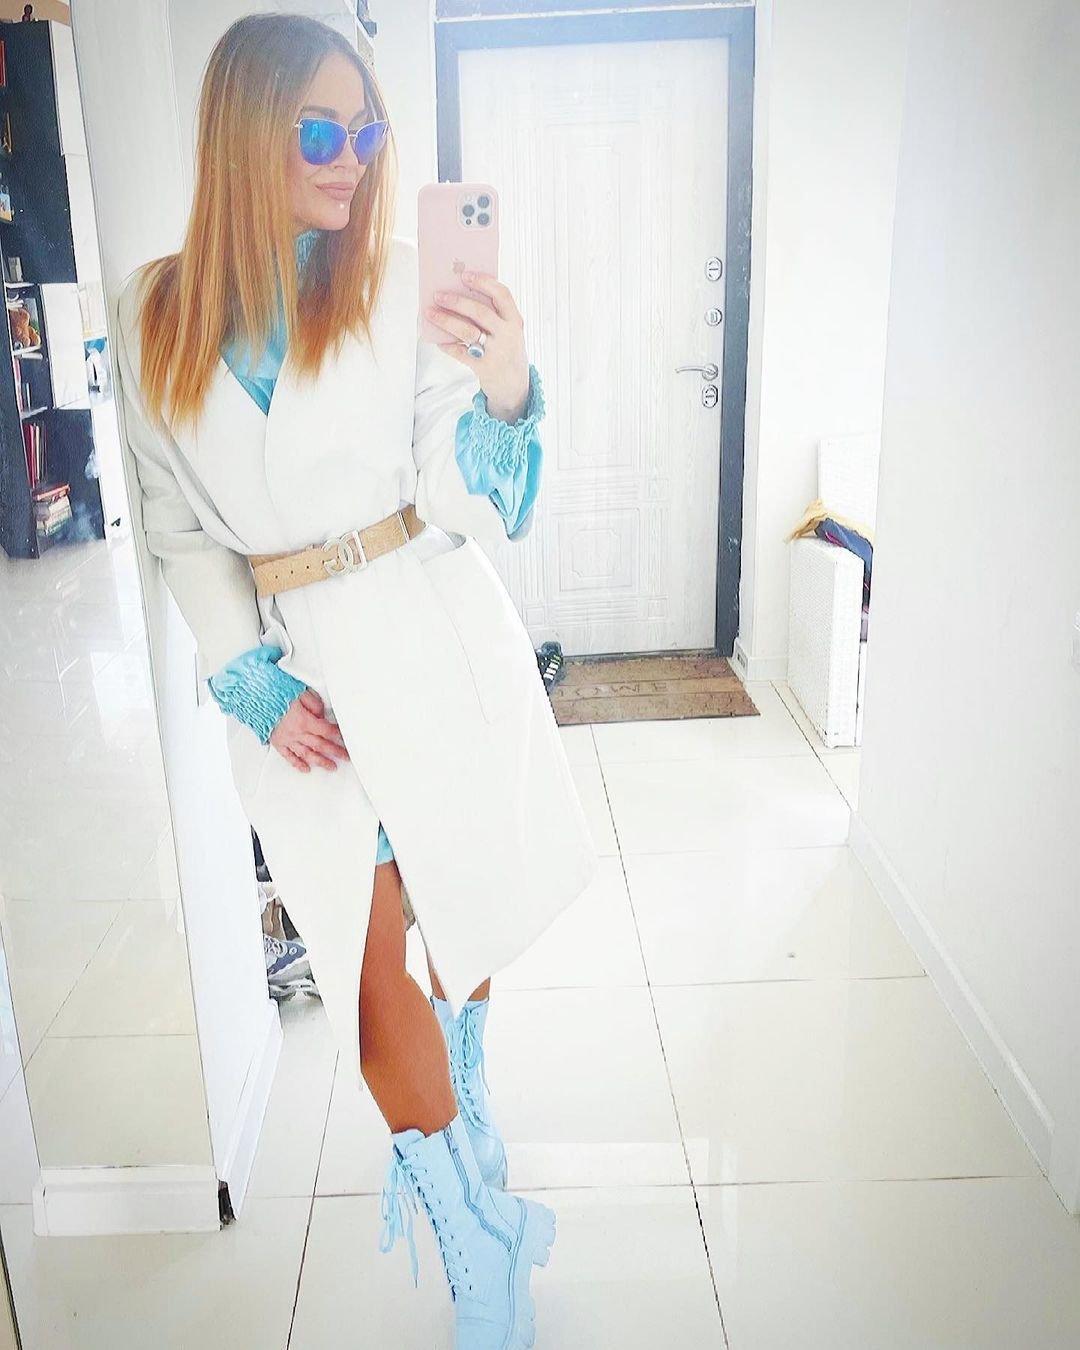 Таня Терёшина сделала селфи в эффектном белом пальто и голубых ботинках